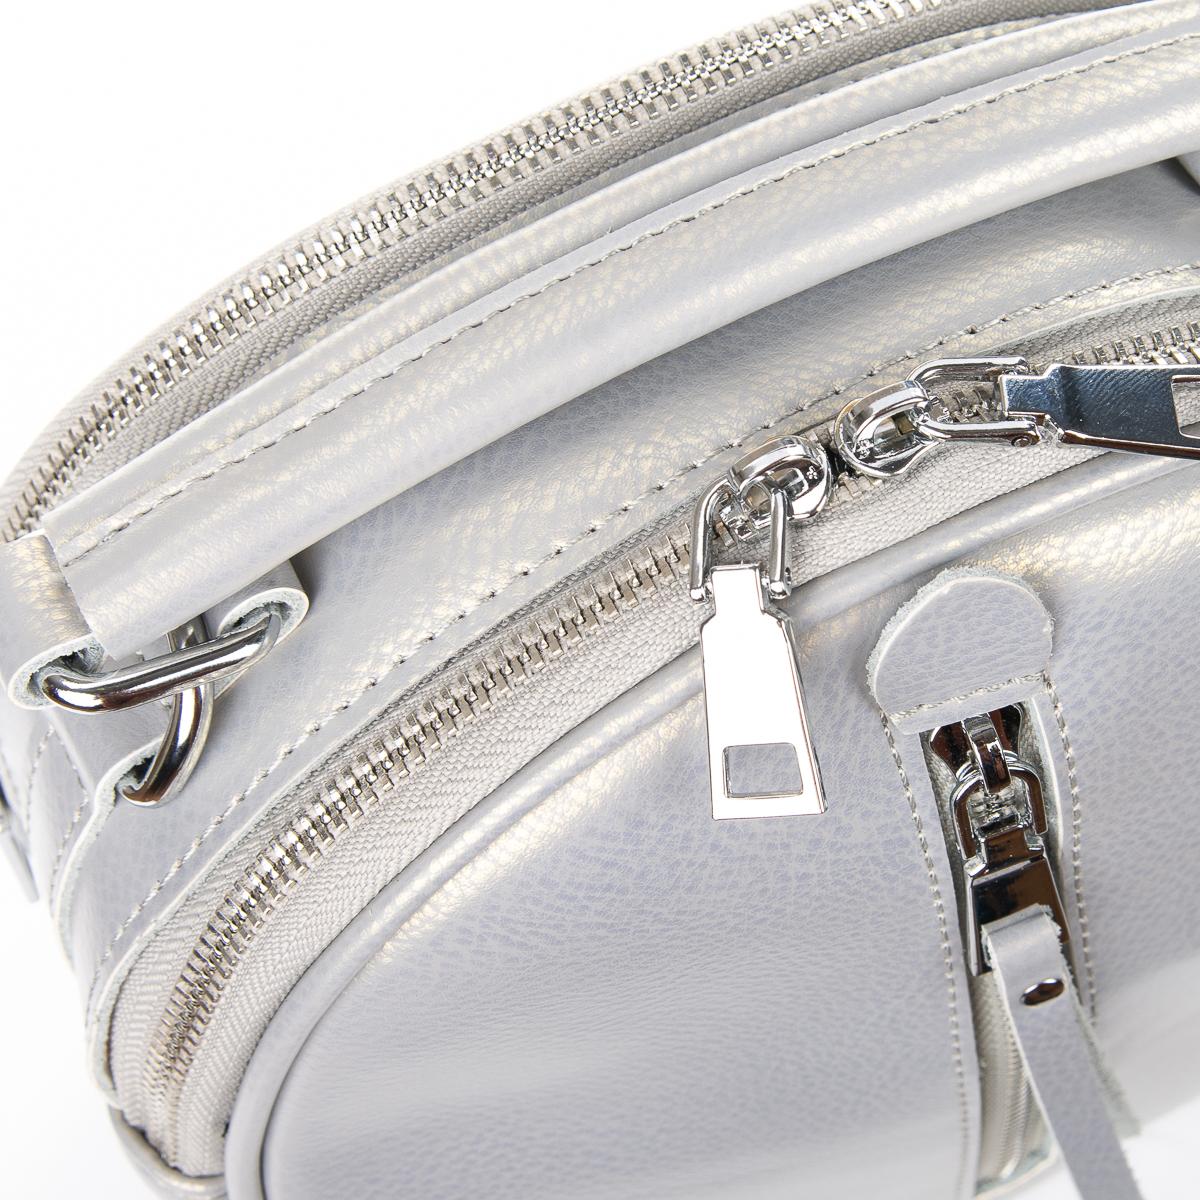 Сумка Женская Клатч кожа ALEX RAI 06-1 339 light-grey